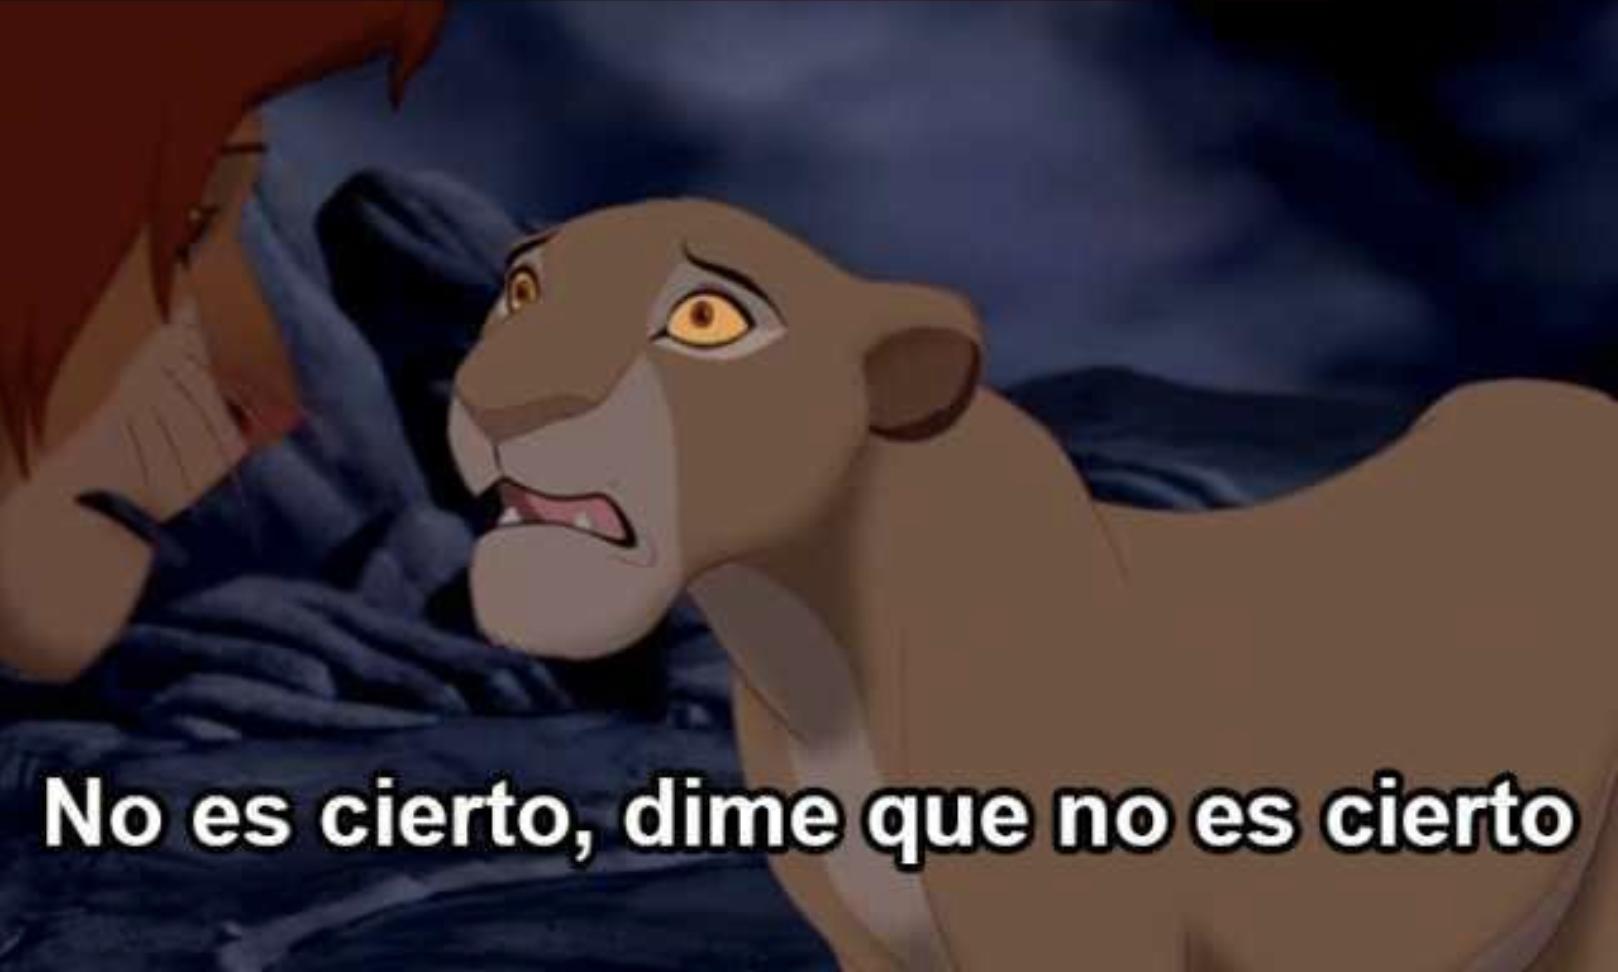 No es cierto dime que no es cierto rey leon meme